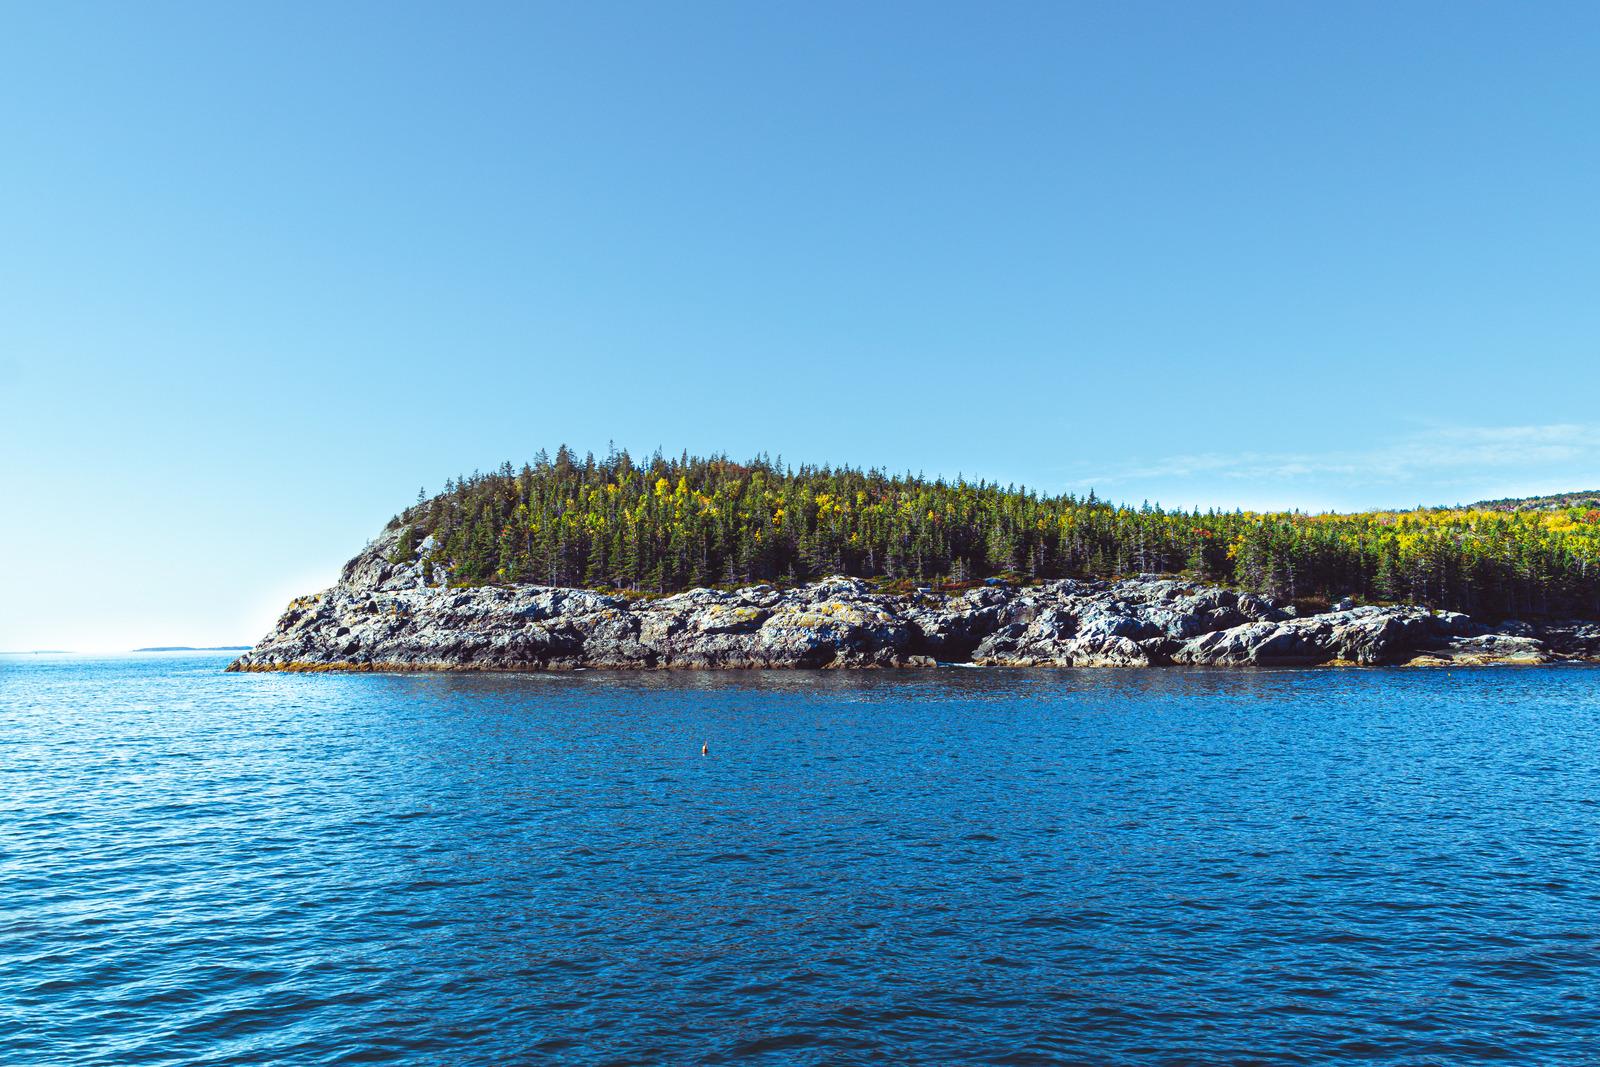 Forêt bord de mer